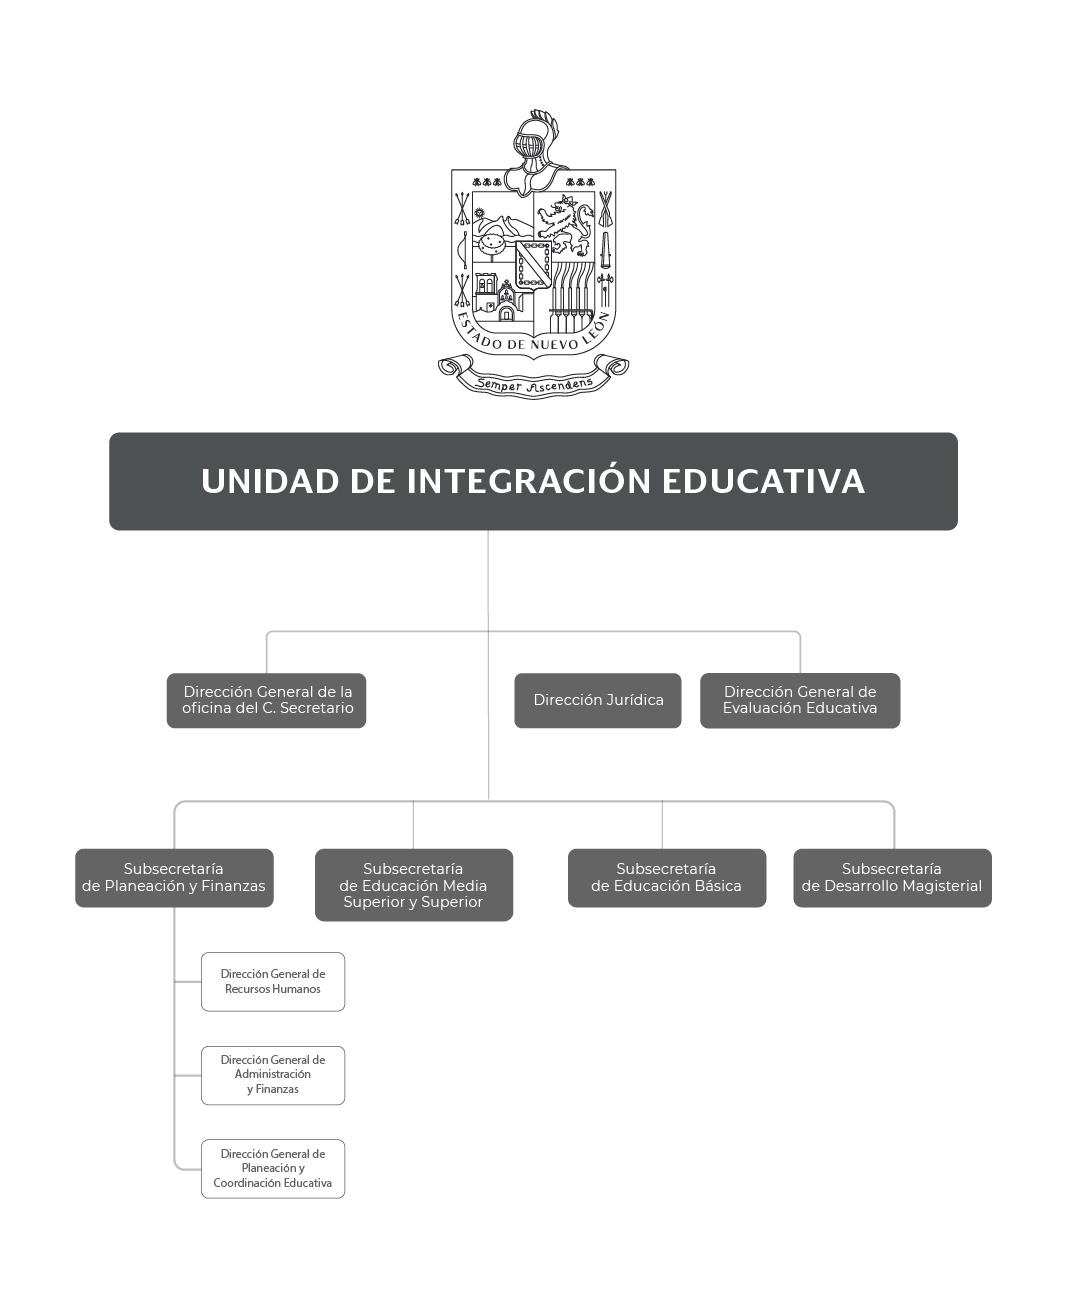 Organigrama de la Unidad de Integración Educativa